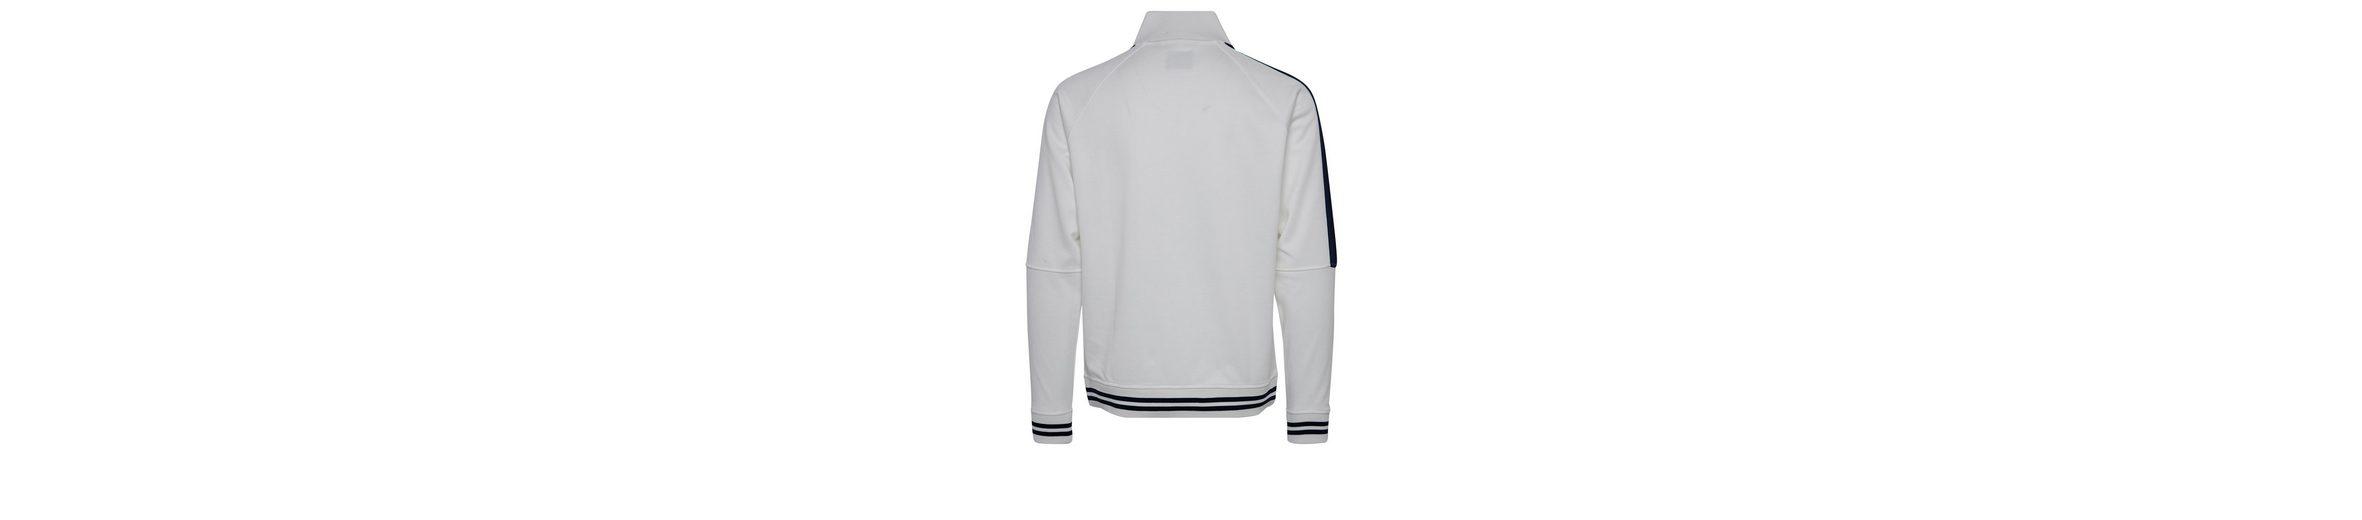 Blend Sweatshirt 2018 Unisex Verkauf Online Manchester Großer Verkauf Günstig Online Countdown Paket Günstiger Preis Austrittskosten Visa-Zahlung Günstig Online LVtlnUy